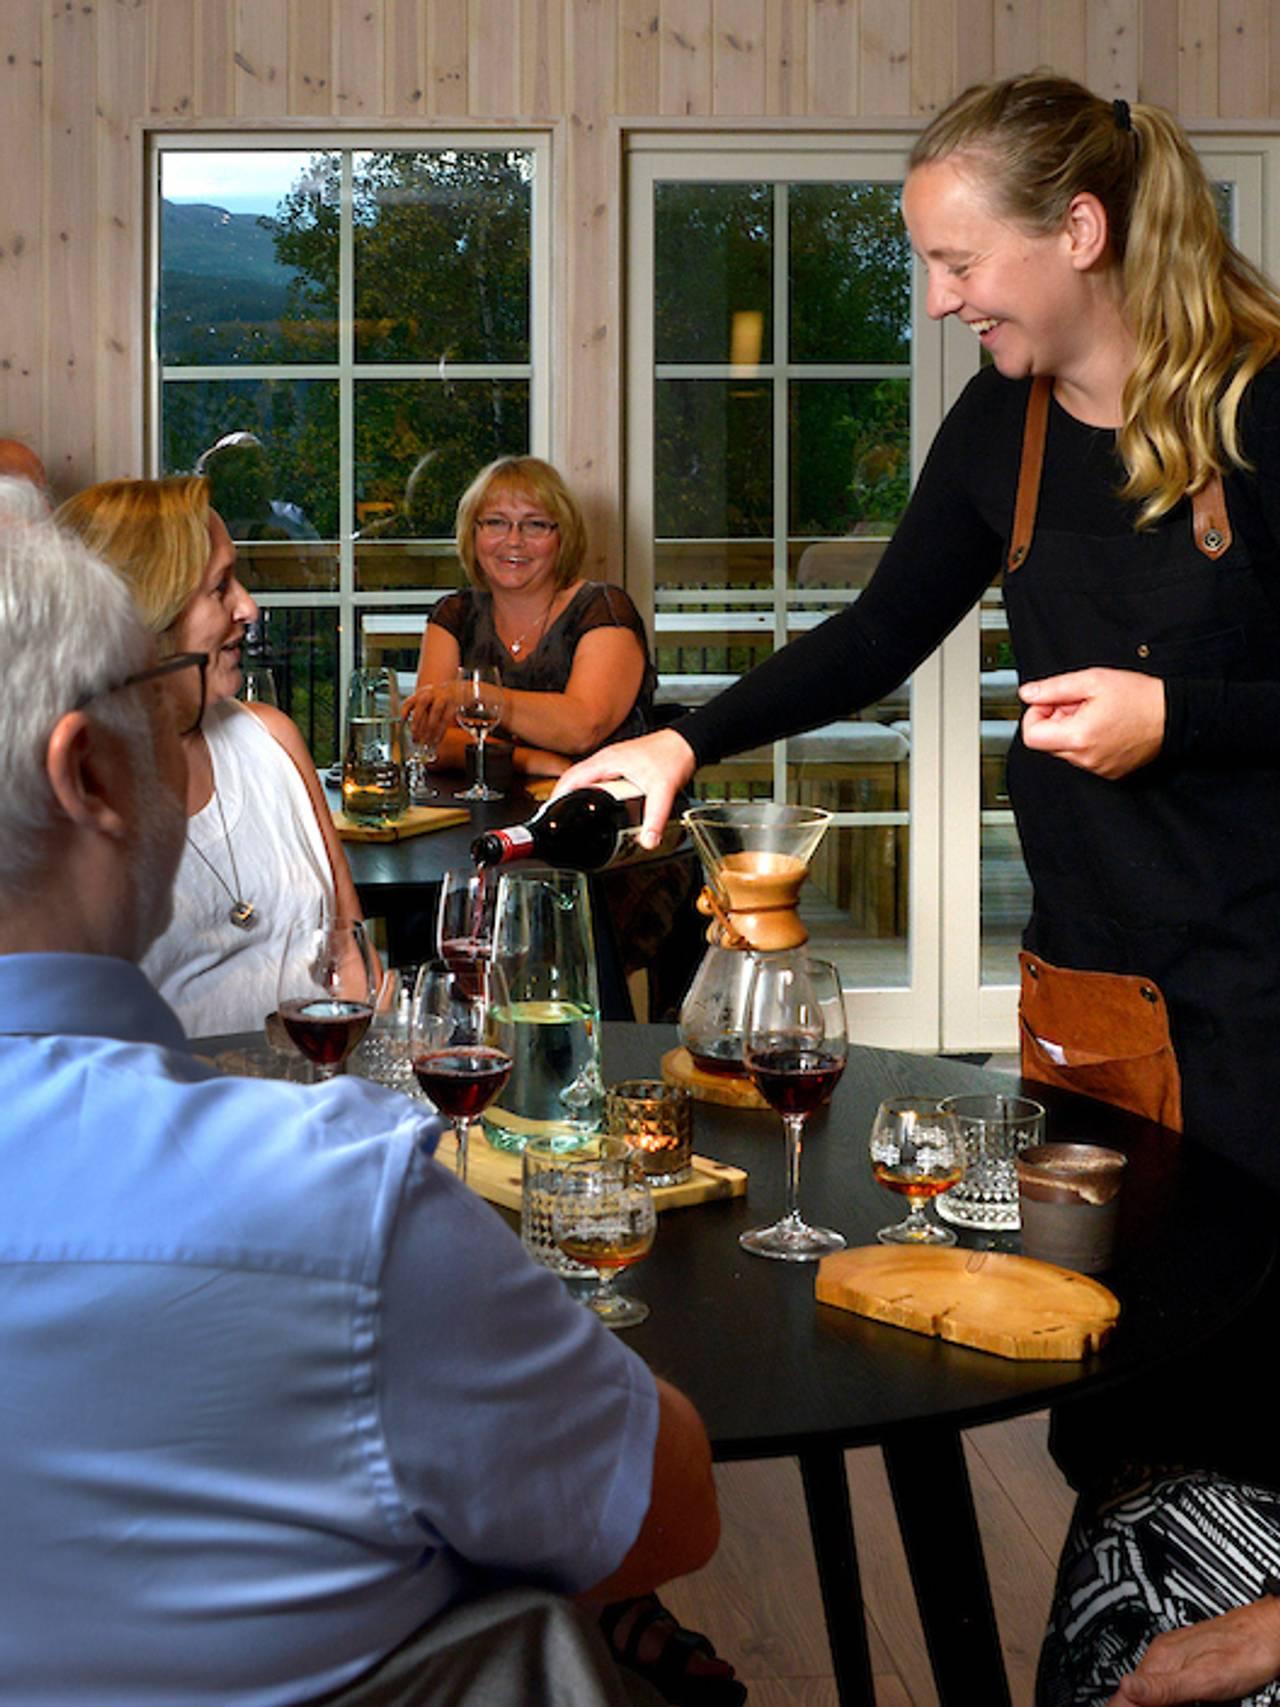 Et selskap på Til Elise Fra Marius, restaurant og overnatting på Utskarpen, Rana kommune.